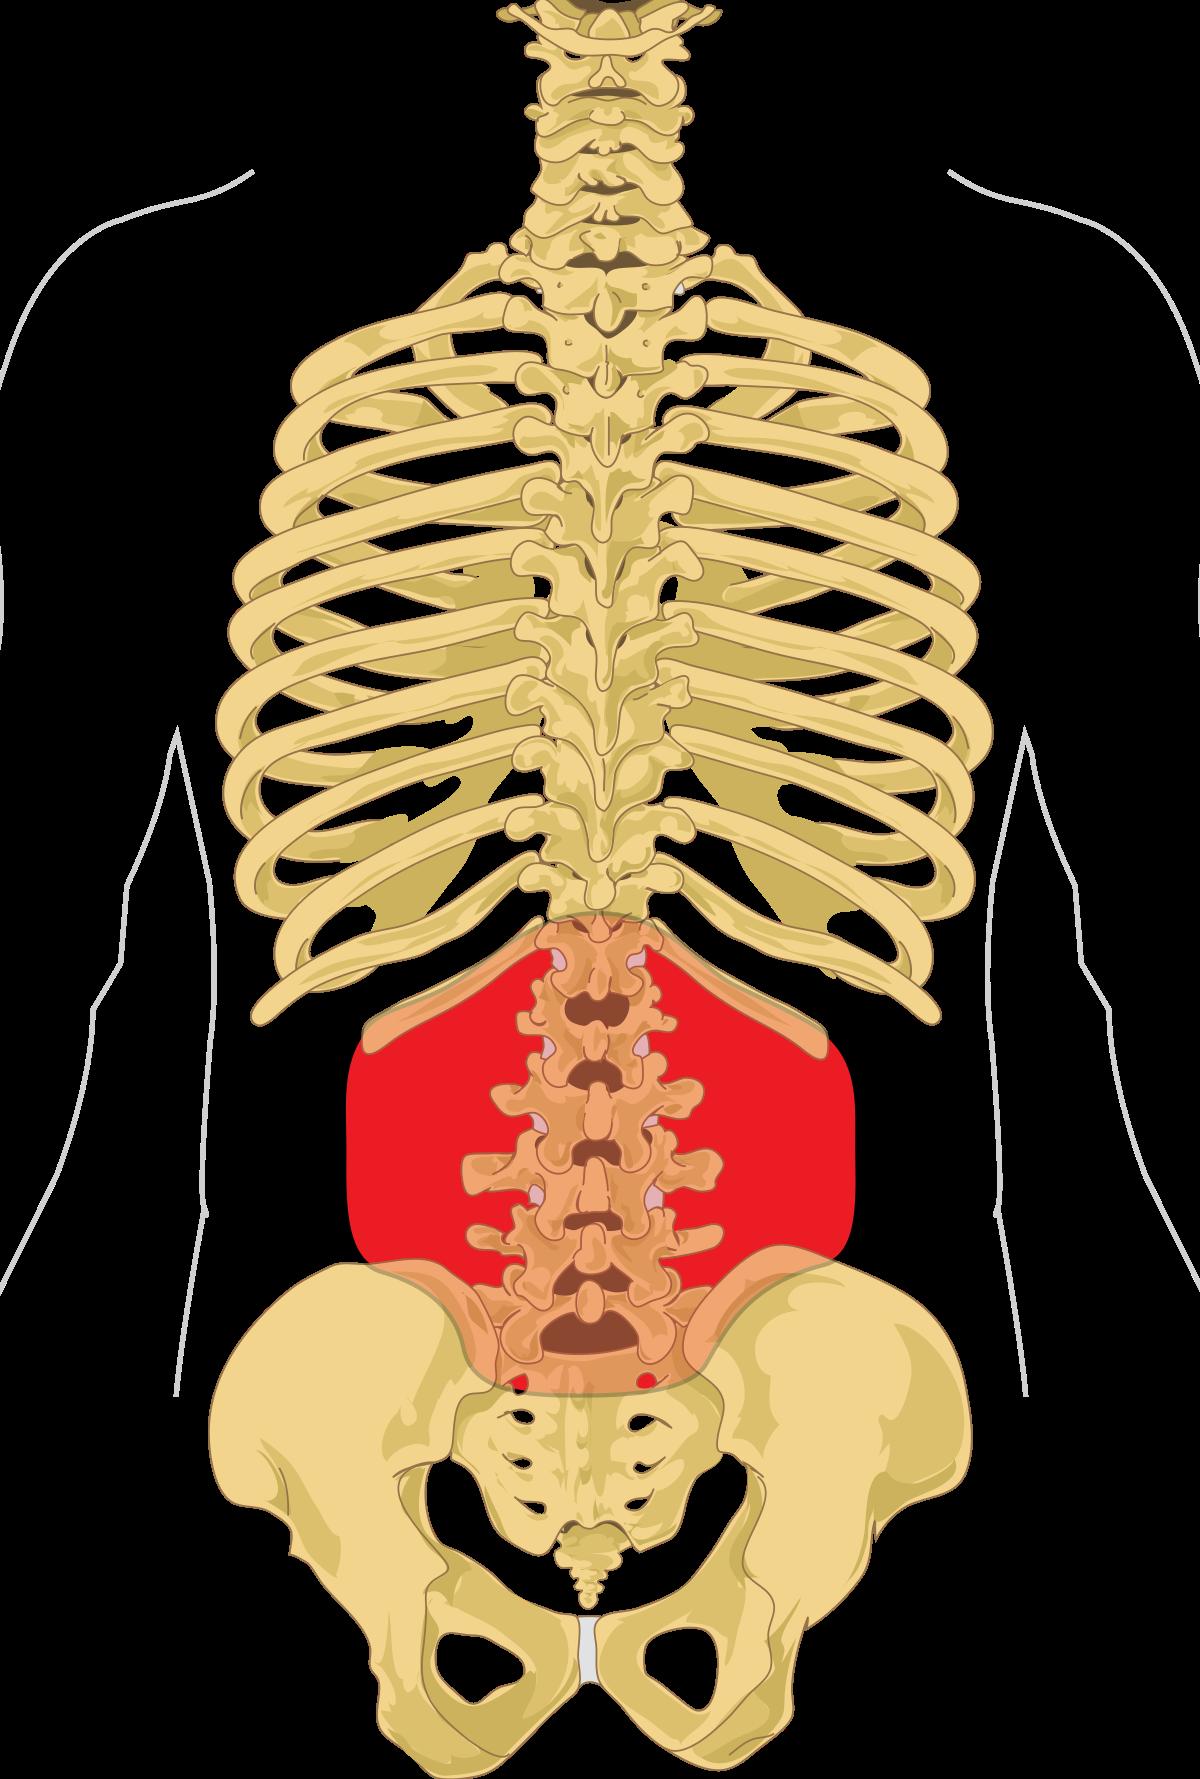 Tippek a térdfájás megelőzésére